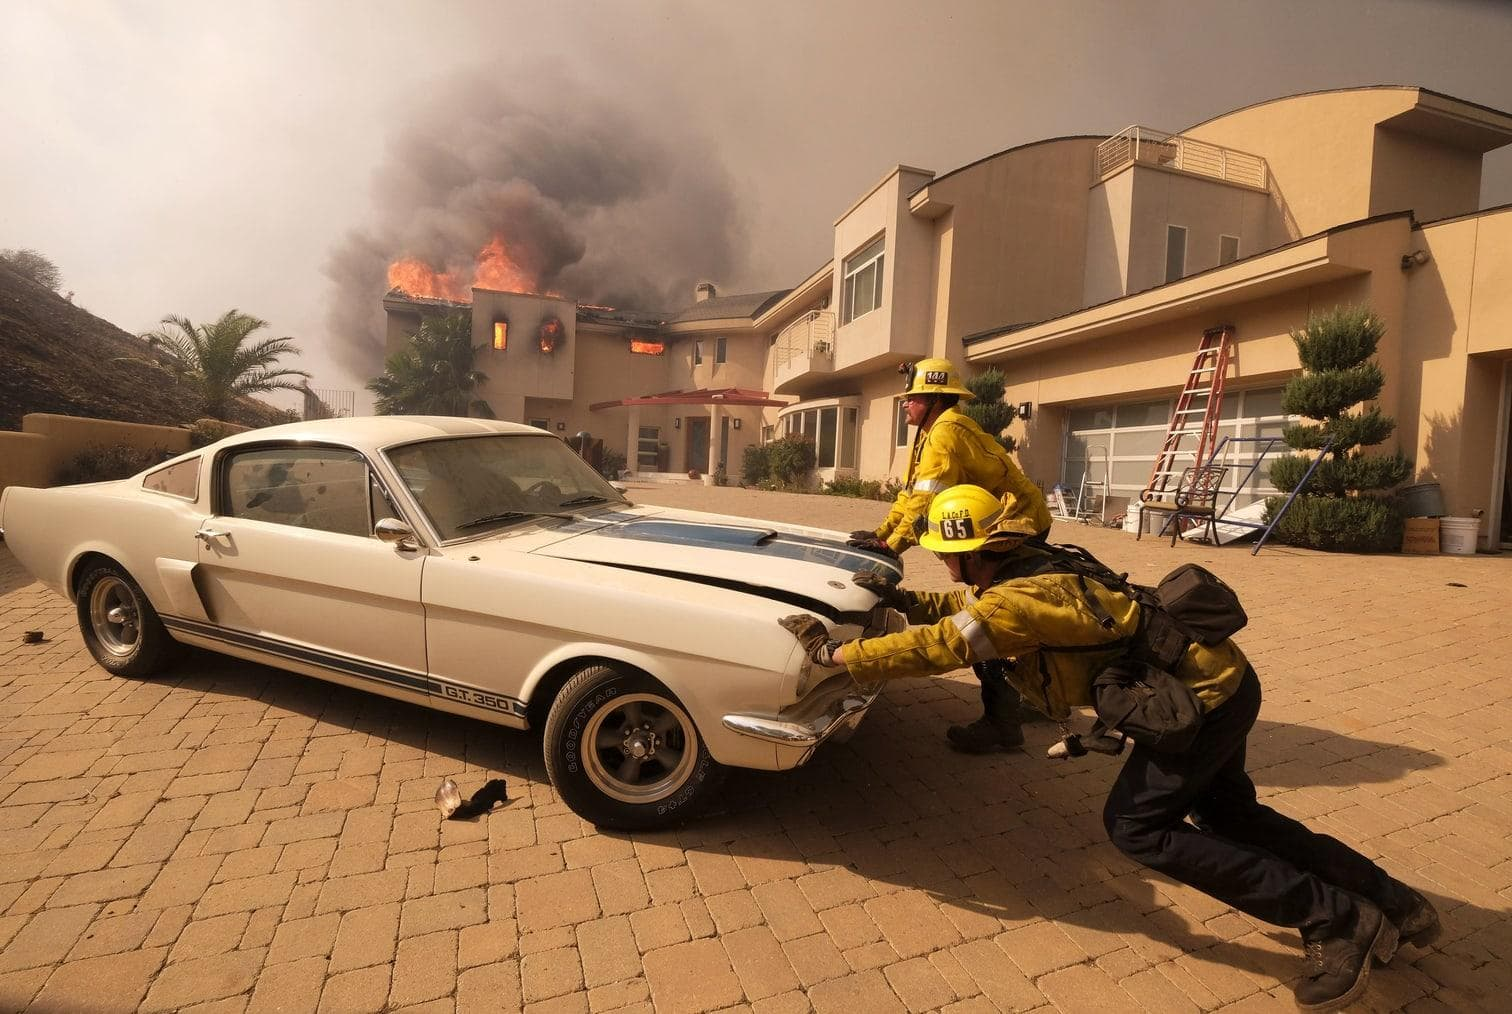 <p>Tausende Feuerwehrleute aus mehreren Bundesstaaten kämpften gegen die Flammen. Mindestens 6700 Gebäude wurden schon zerstört. Viele Menschen müssen in ihren Autos übernachten.</p> Foto: dpa/Ringo H.W. Chiu